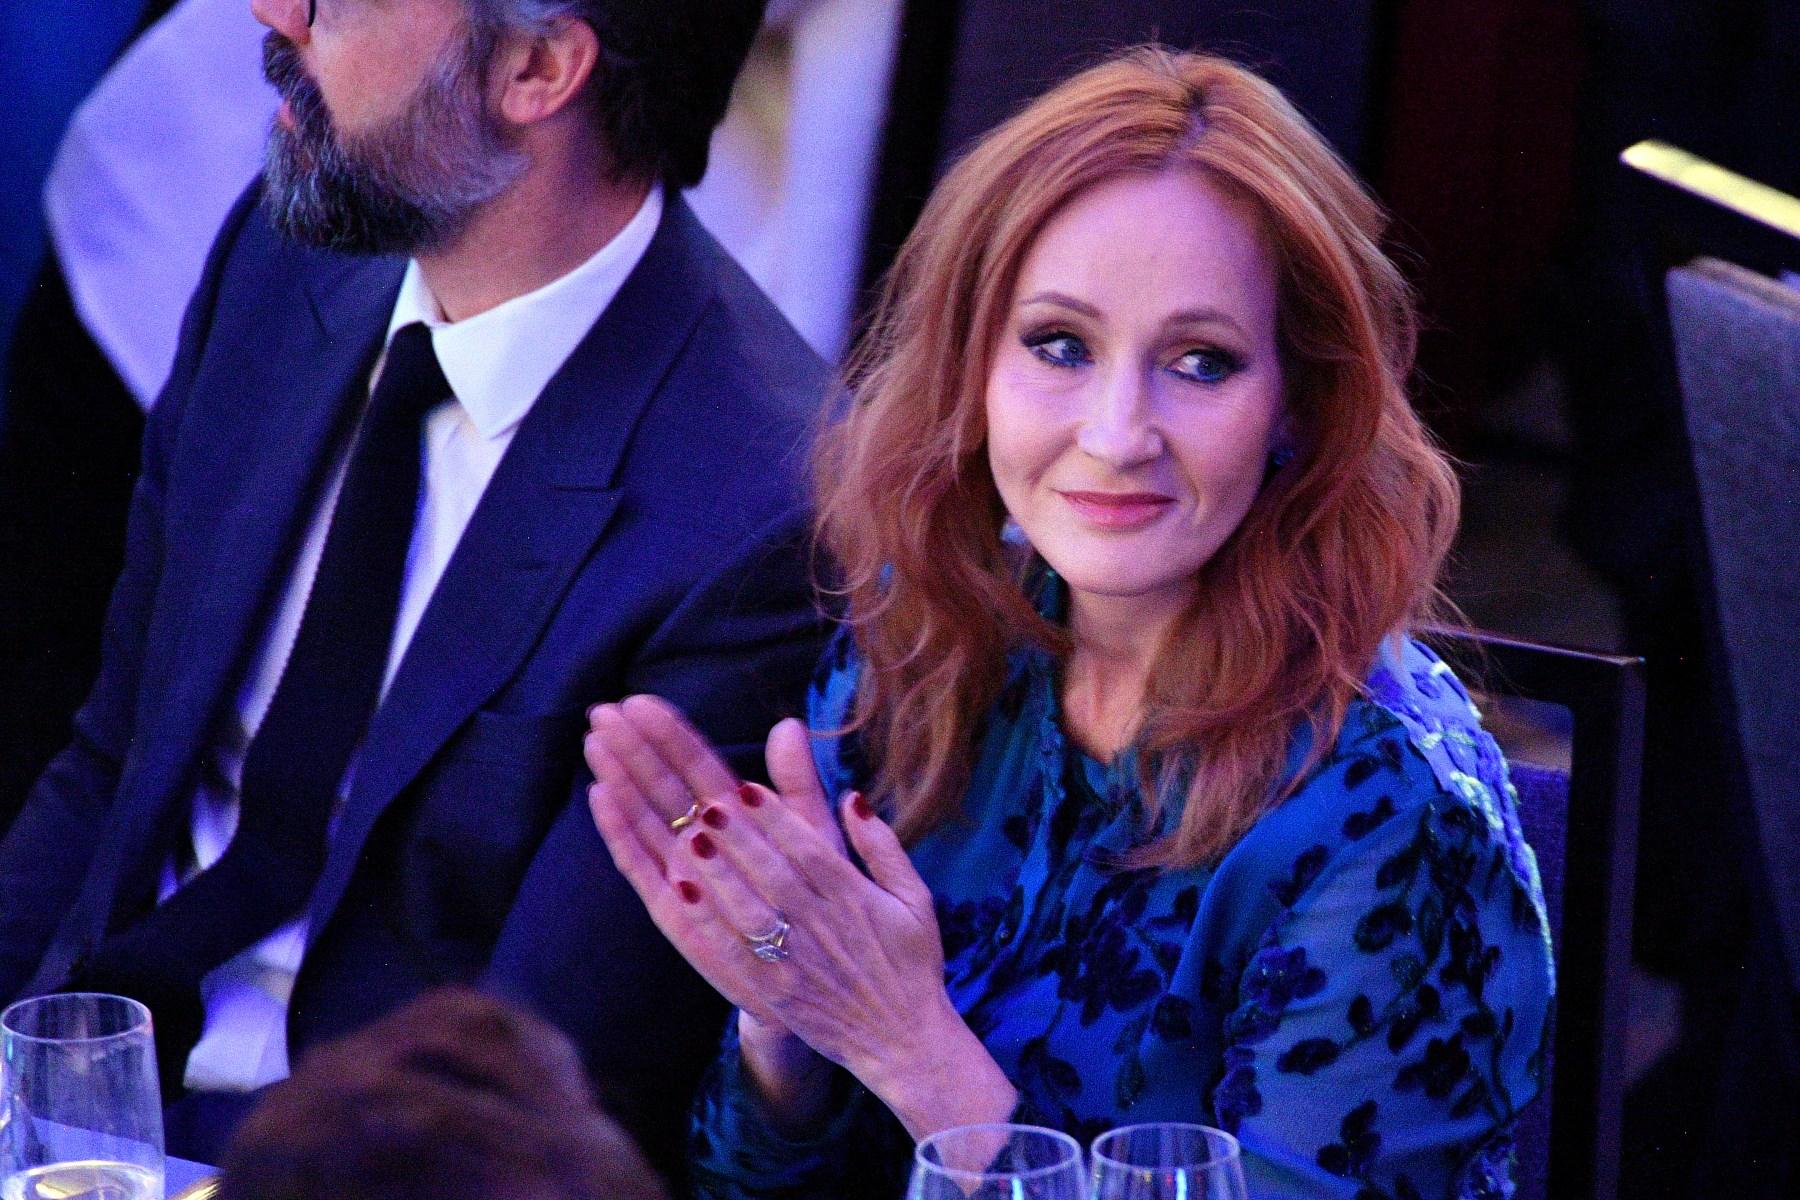 J.K. Rowling TERF